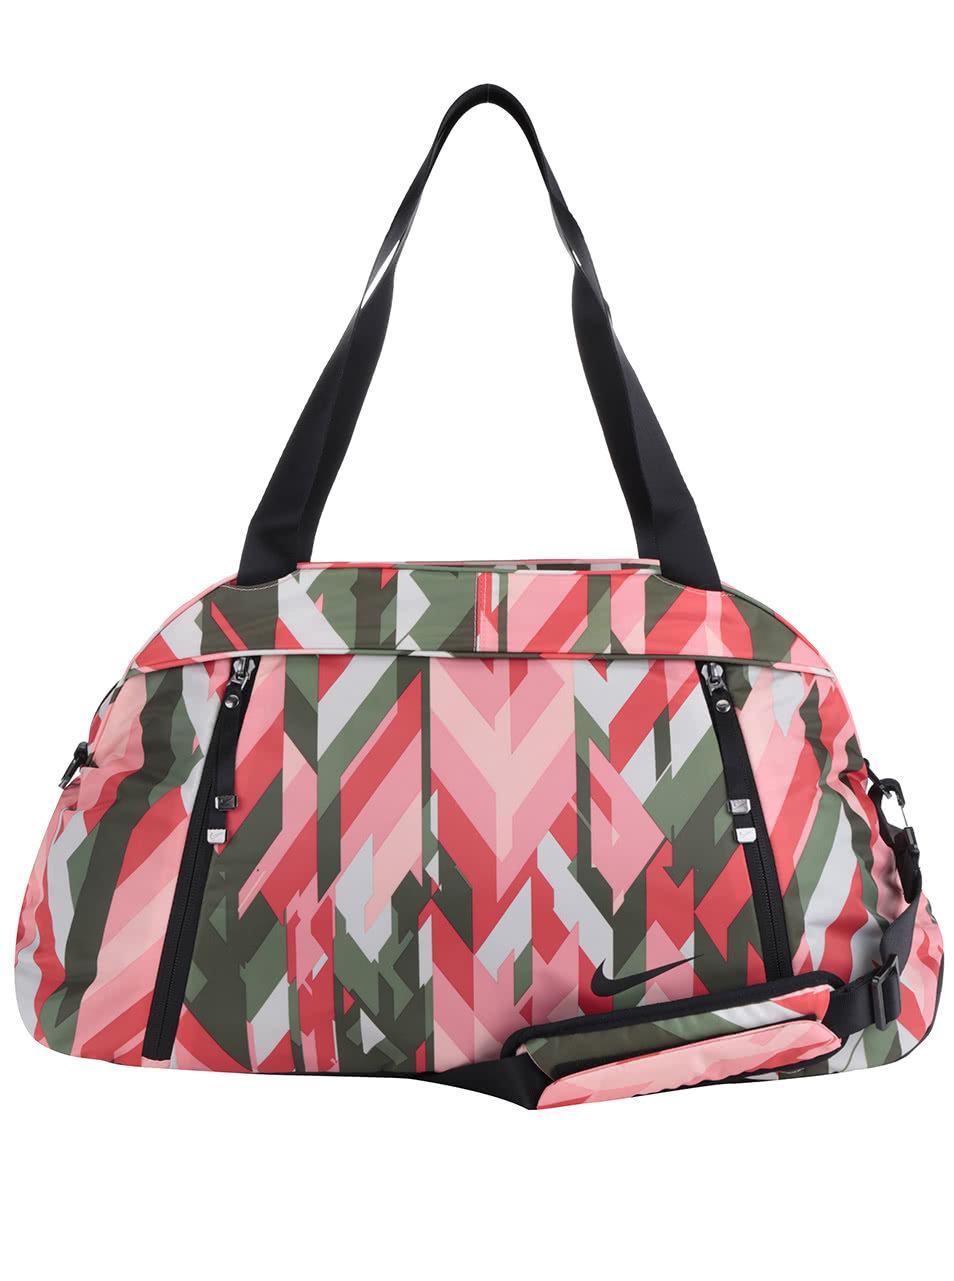 Zeleno-růžová dámská sportovní vzorovaná taška Nike 23 l ... aa6c1dbaed1